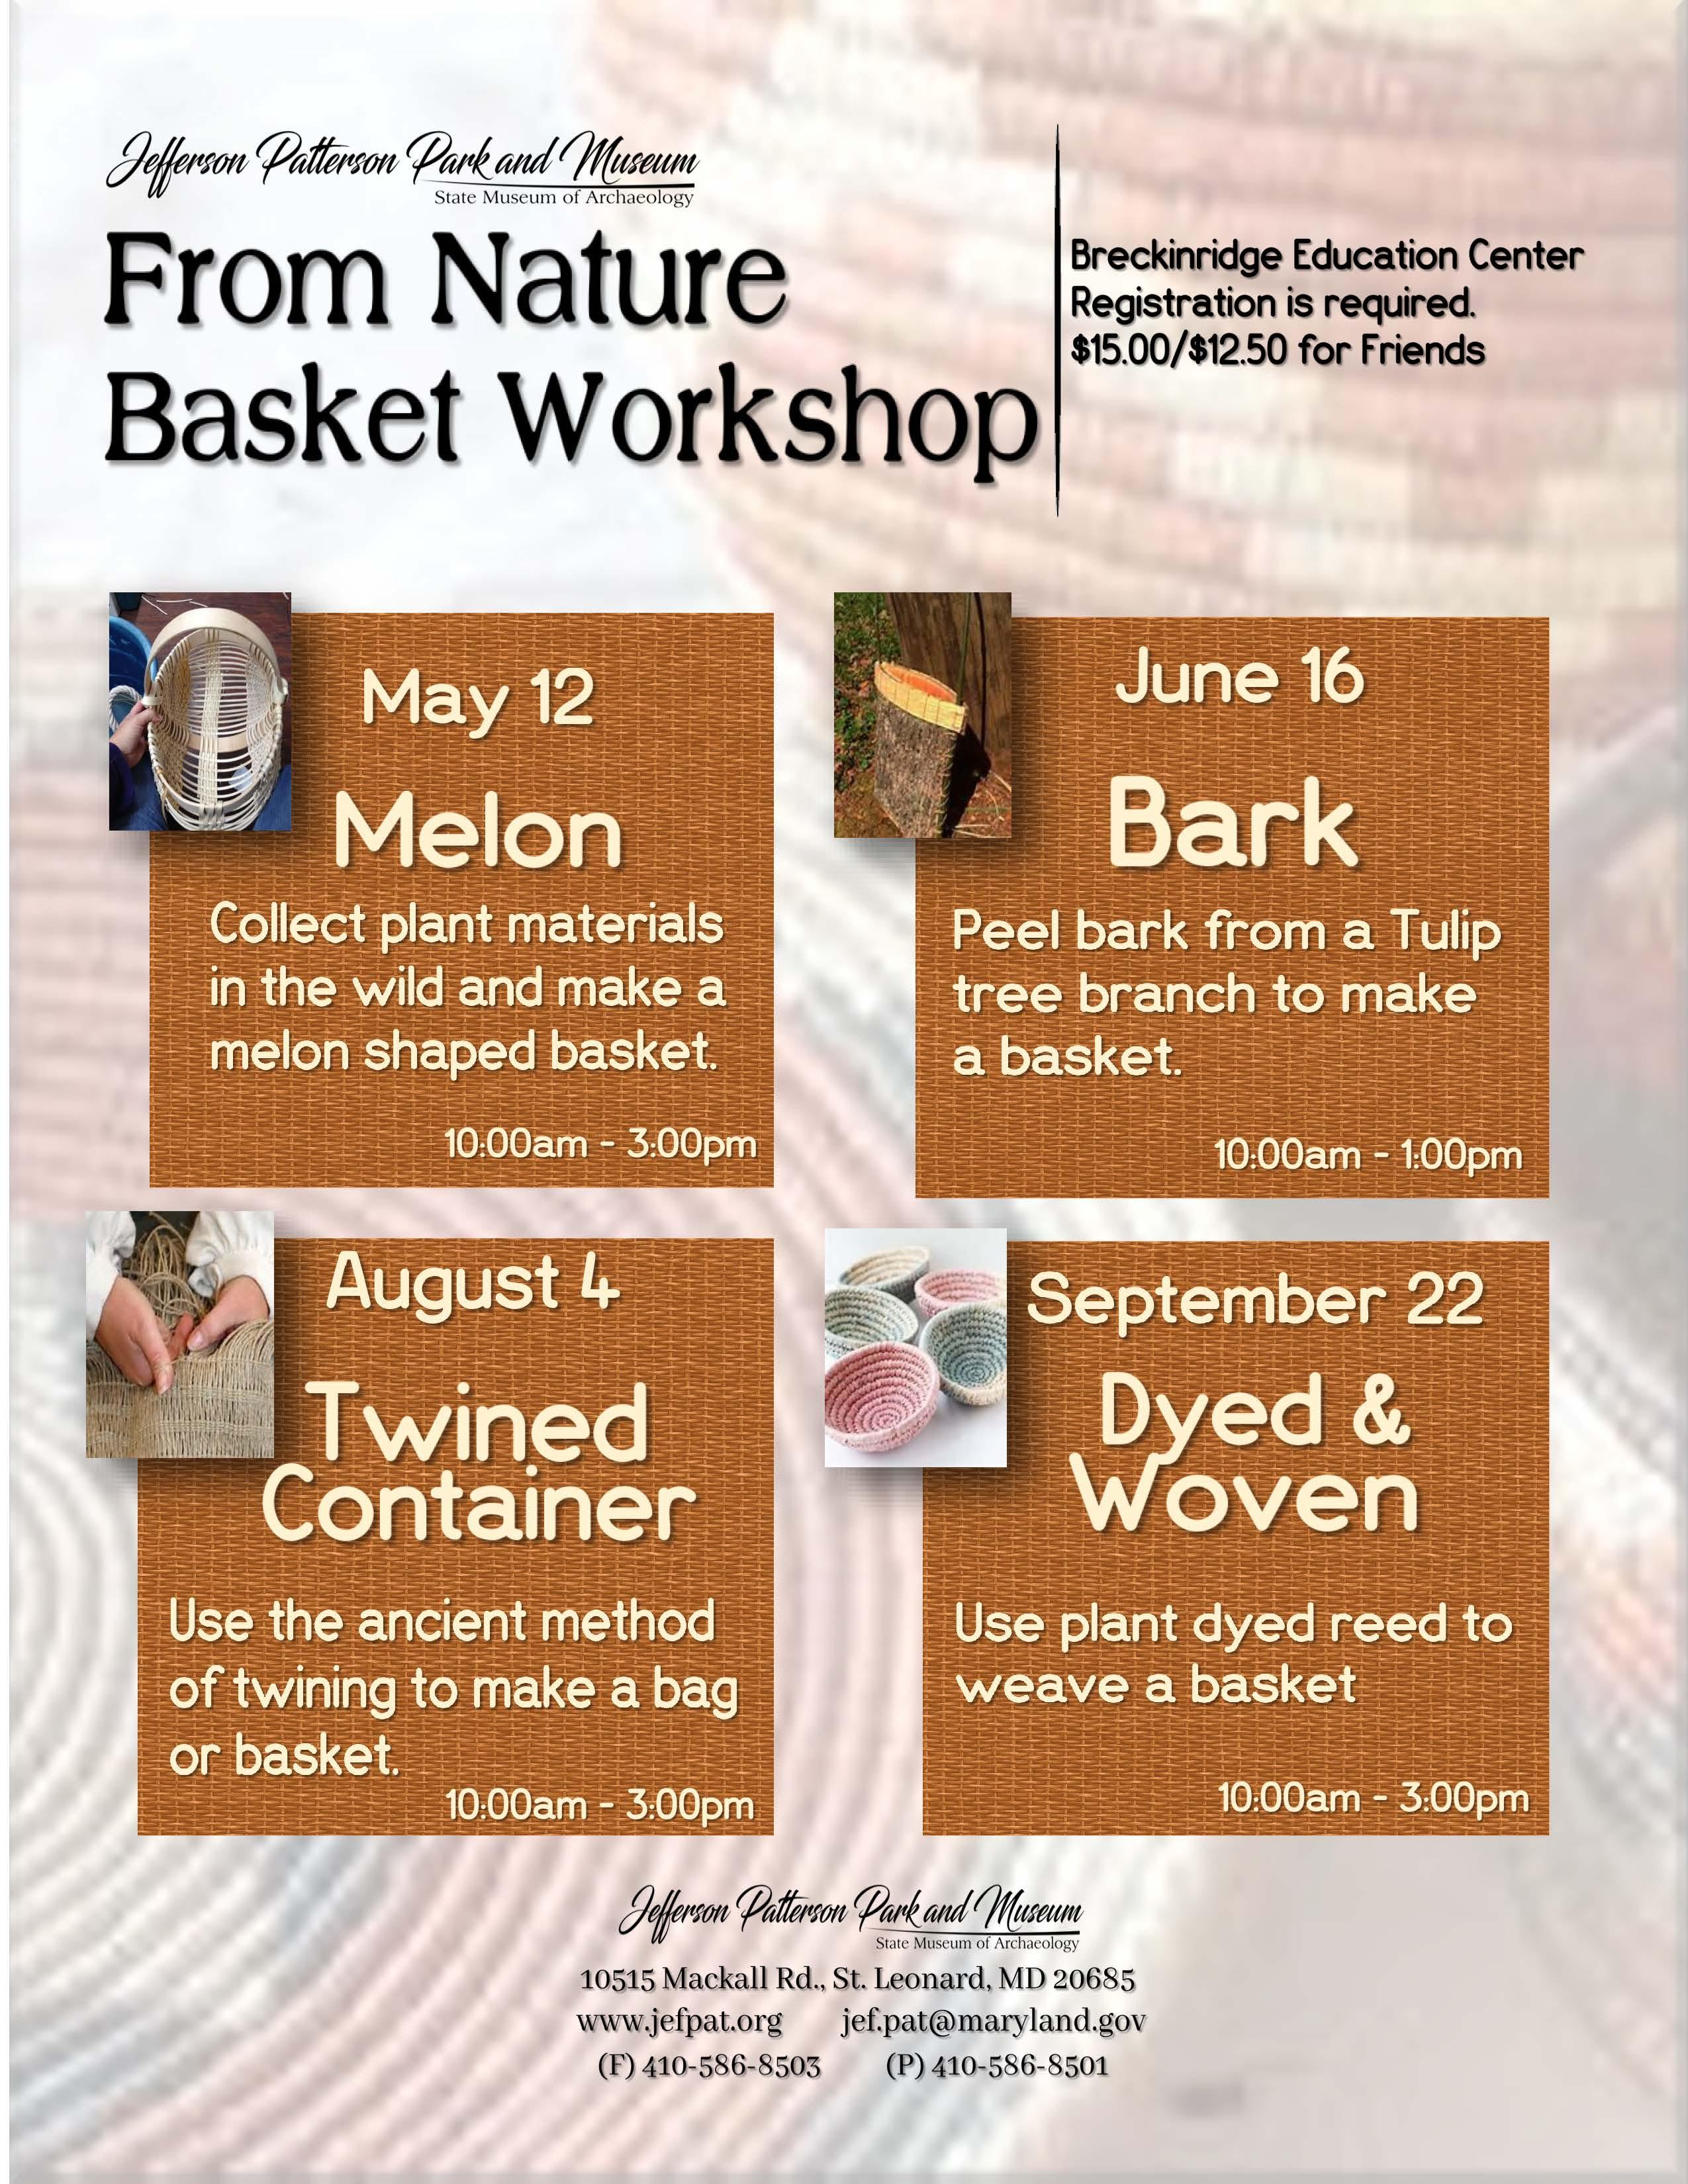 Basket Workshop.Flyer.Image.jpg